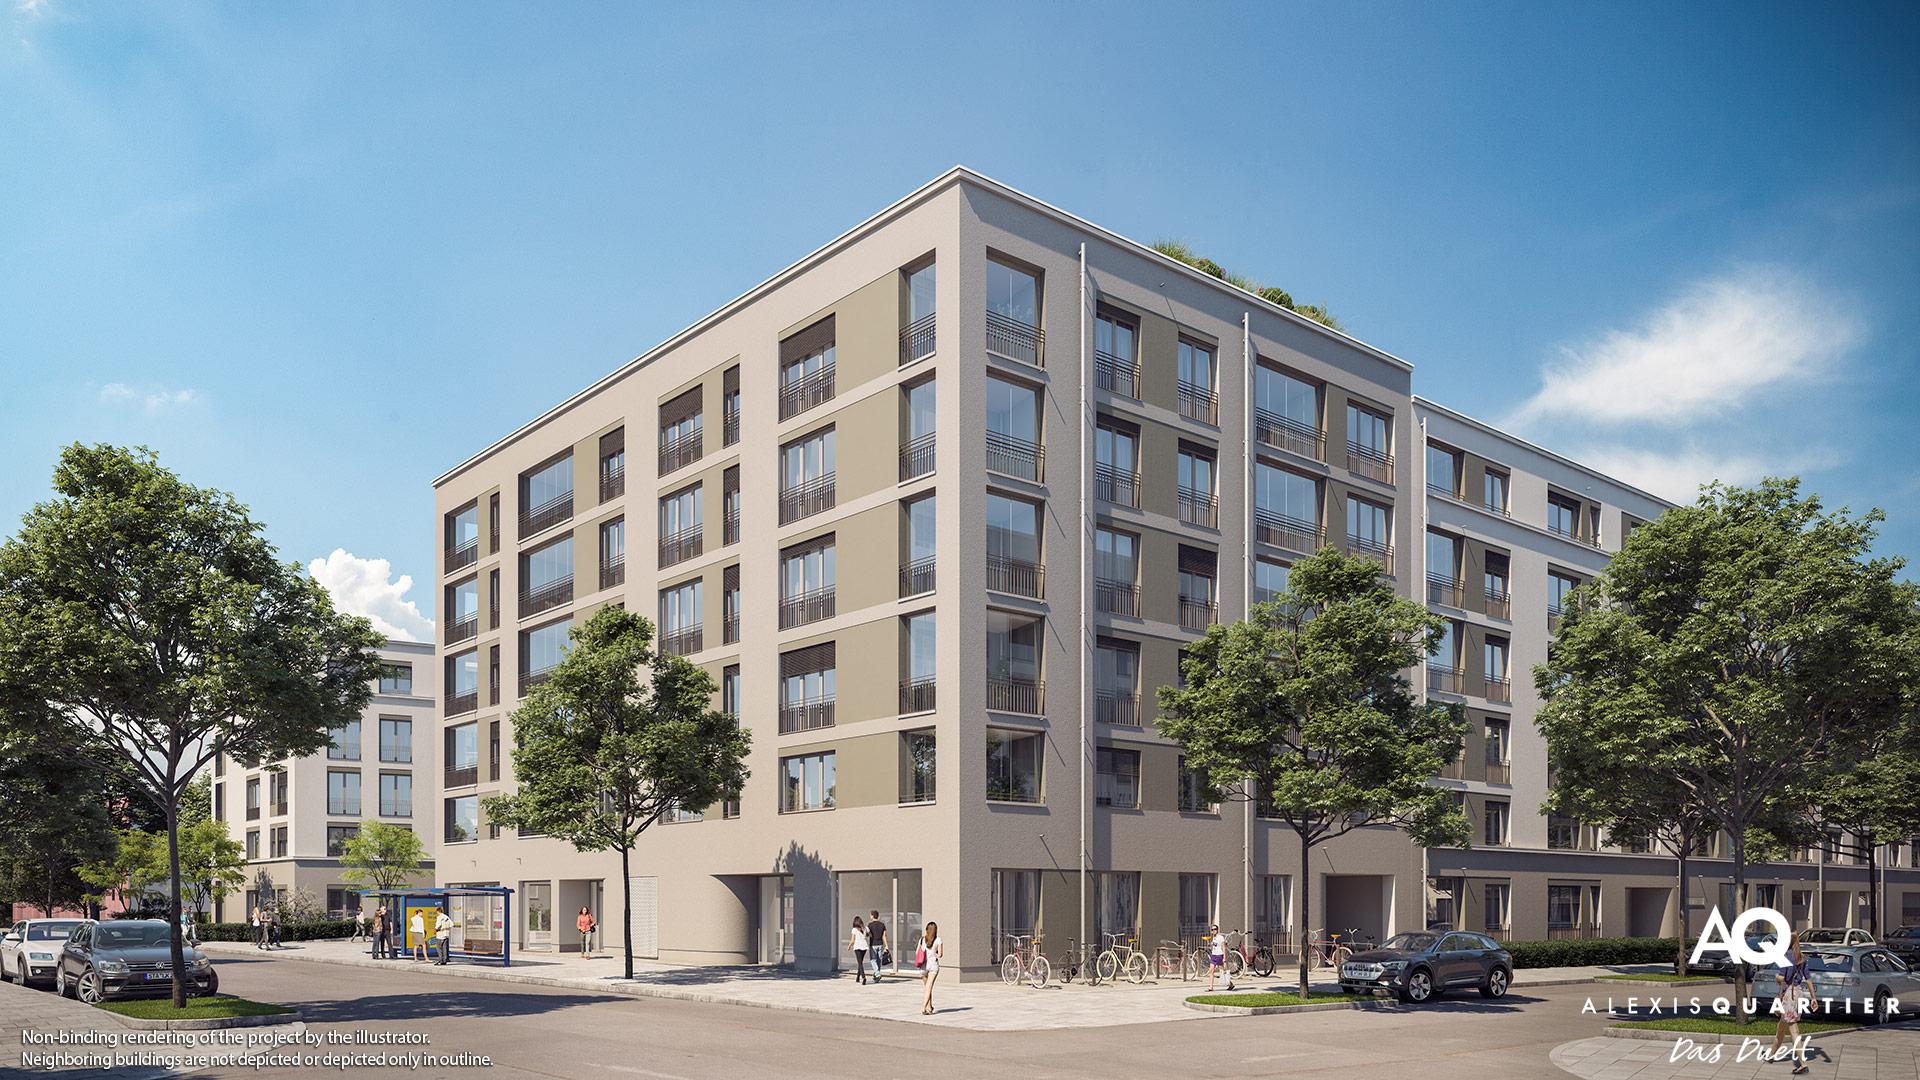 Condominiums Alexisquartier - Das Duett - Illustration 4